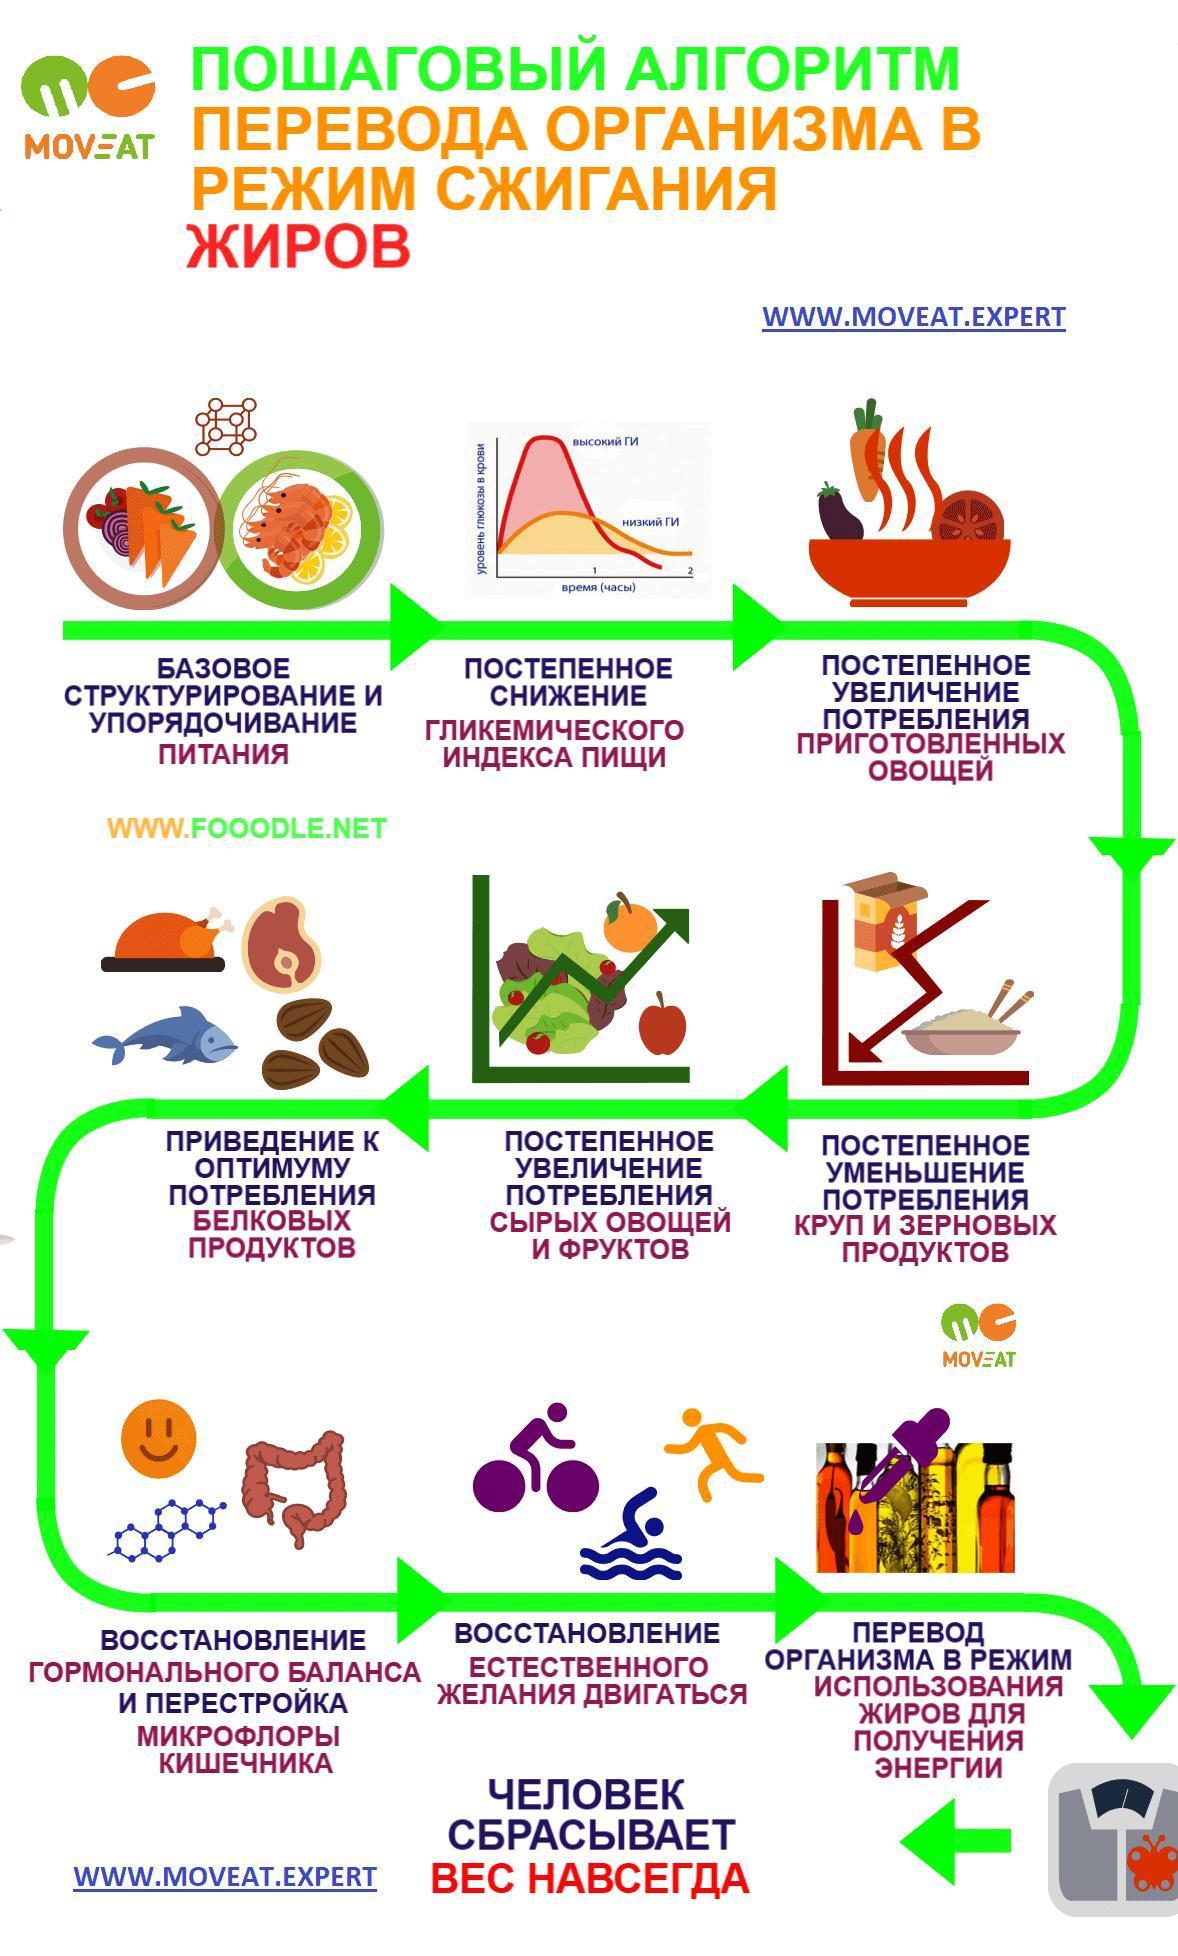 Похудеть: 7 шагов перепрограмирования тела на стройность